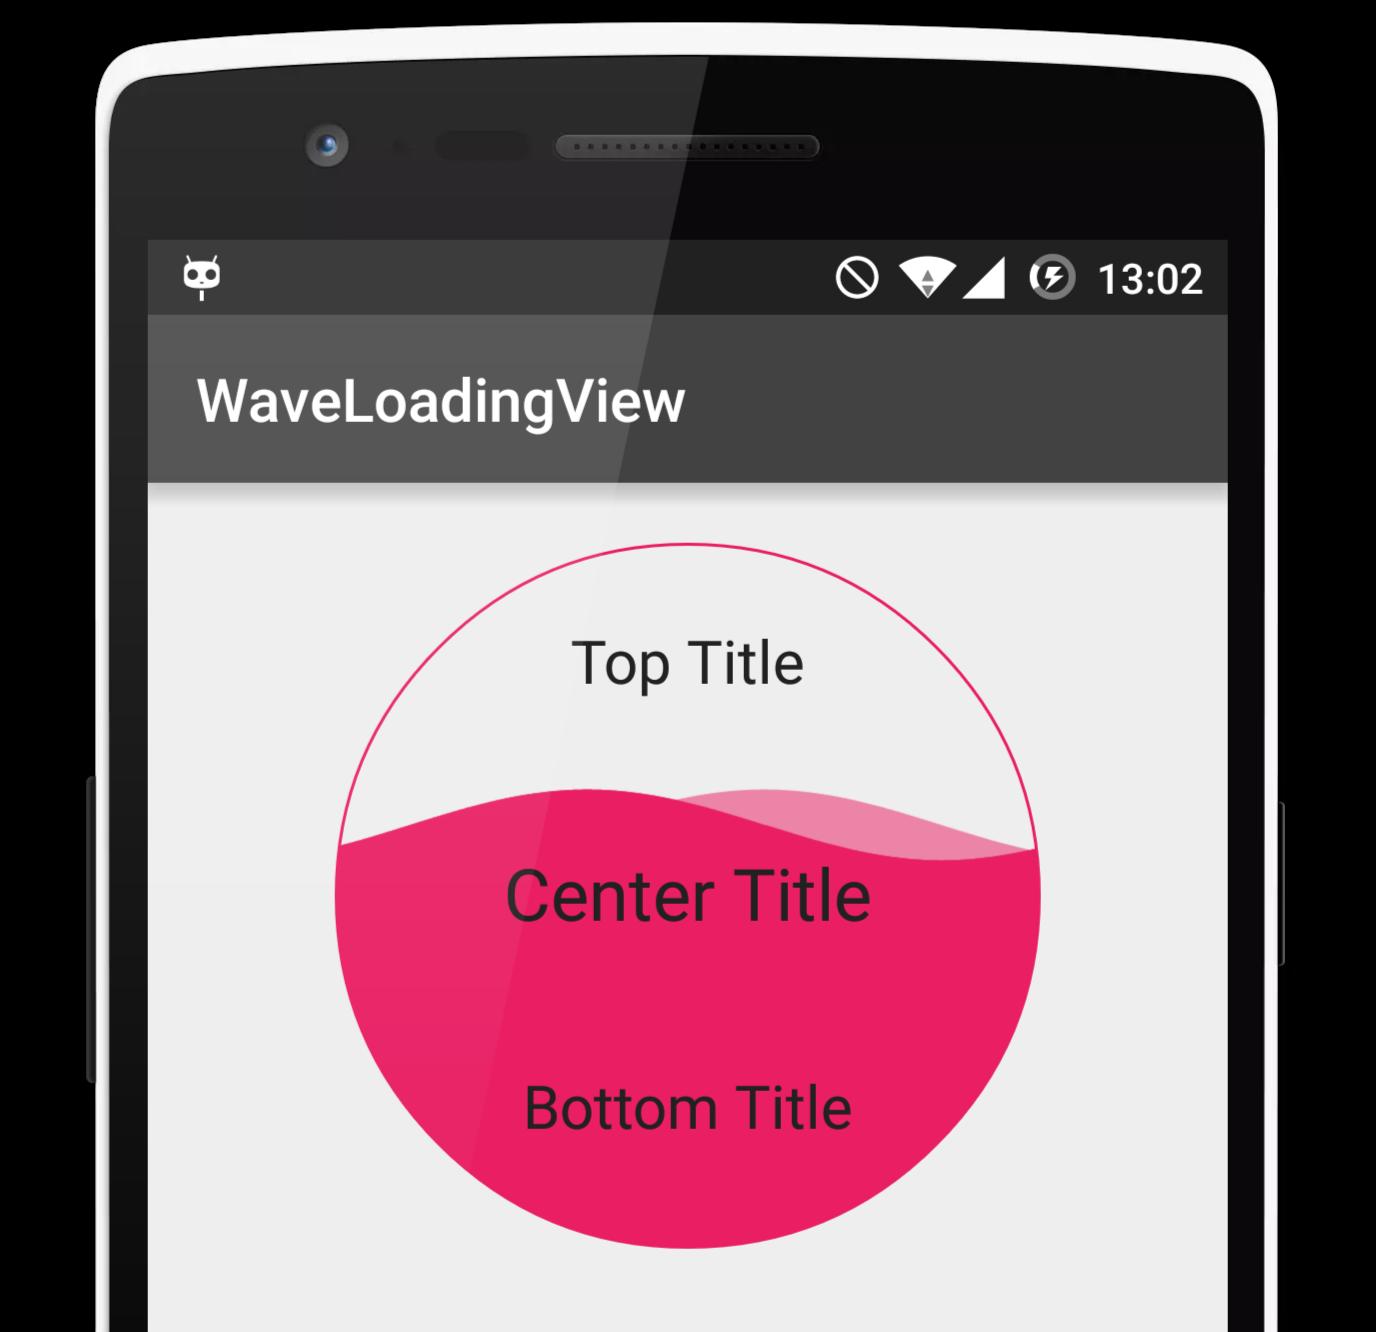 WaveLoadingView